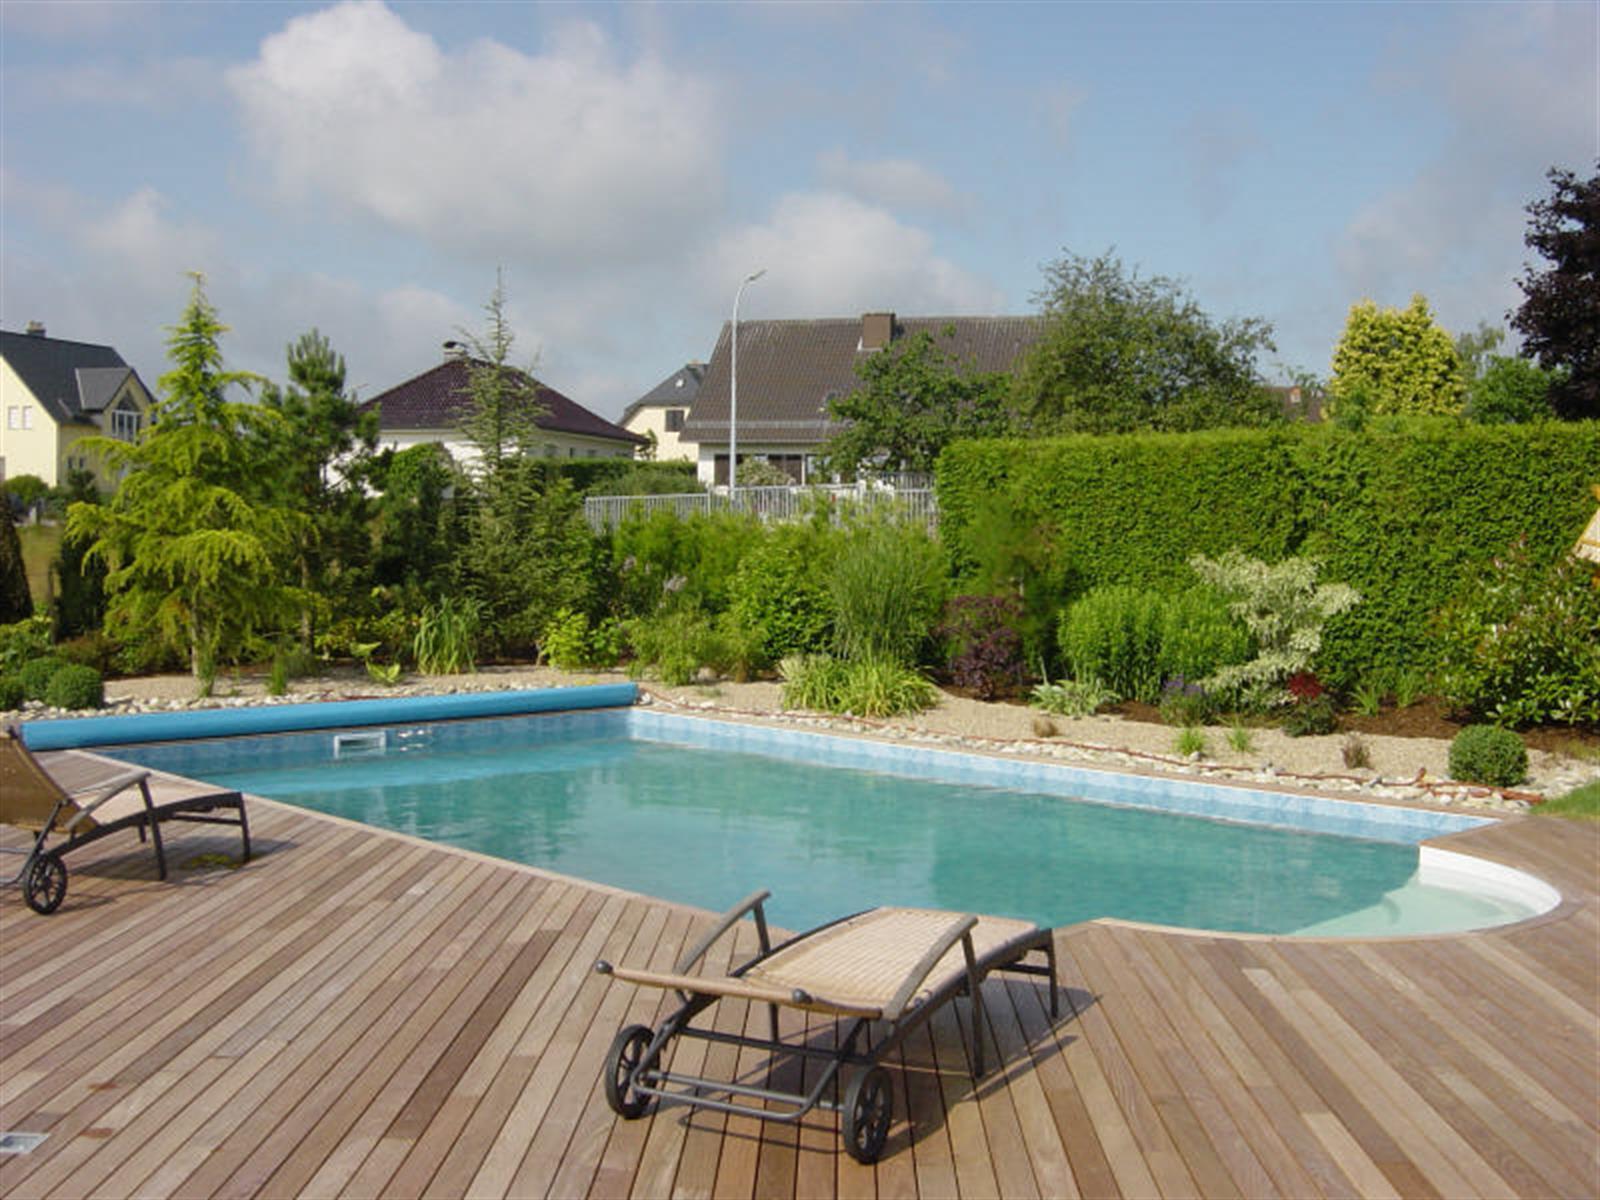 Jardins de luxembourg jardinier am nagement de jardin for Jardin luxembourg horaires